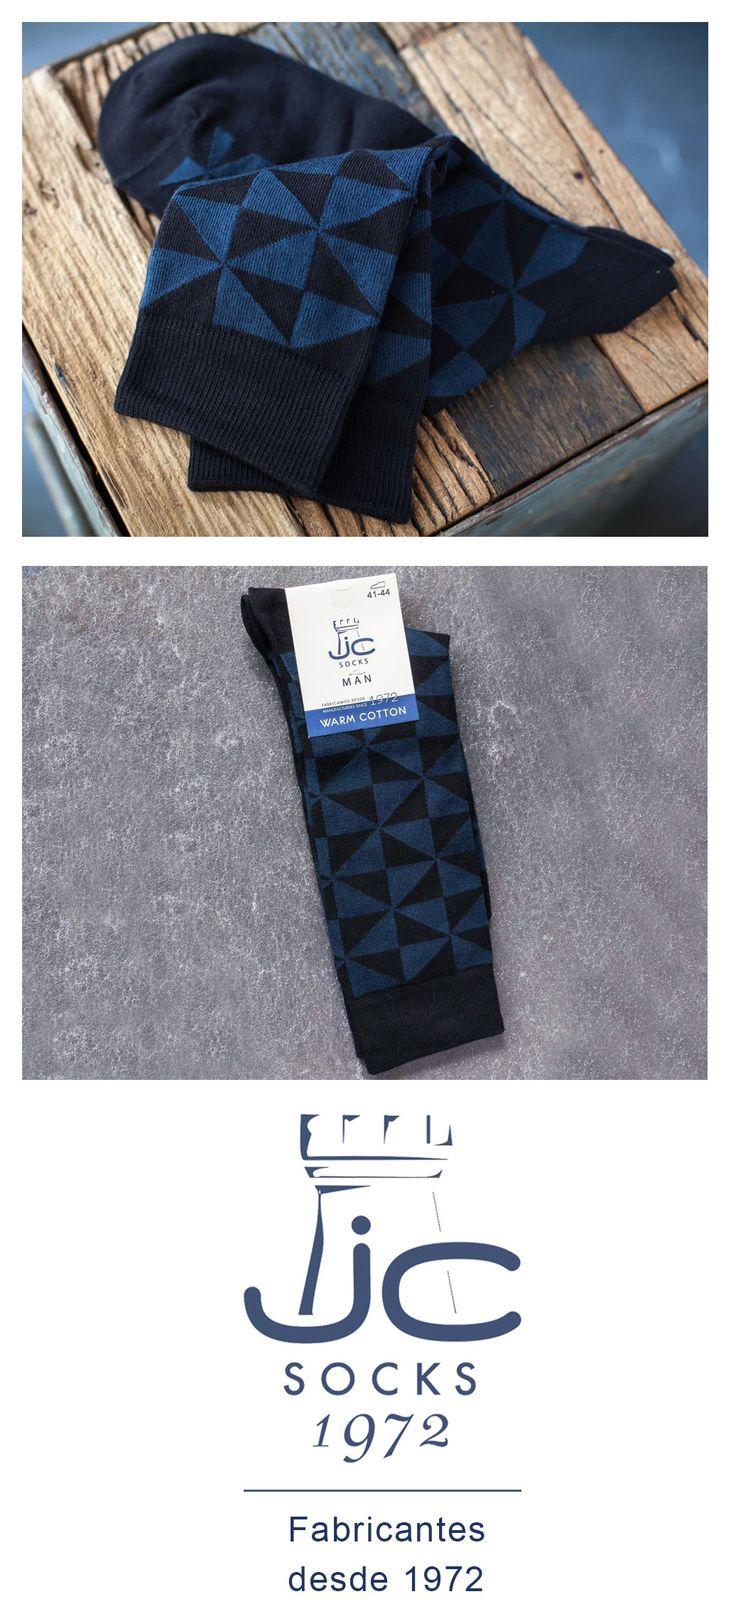 Calcetines hombre estilo vintage color azul. Fabricantes de calcetines desde 1972